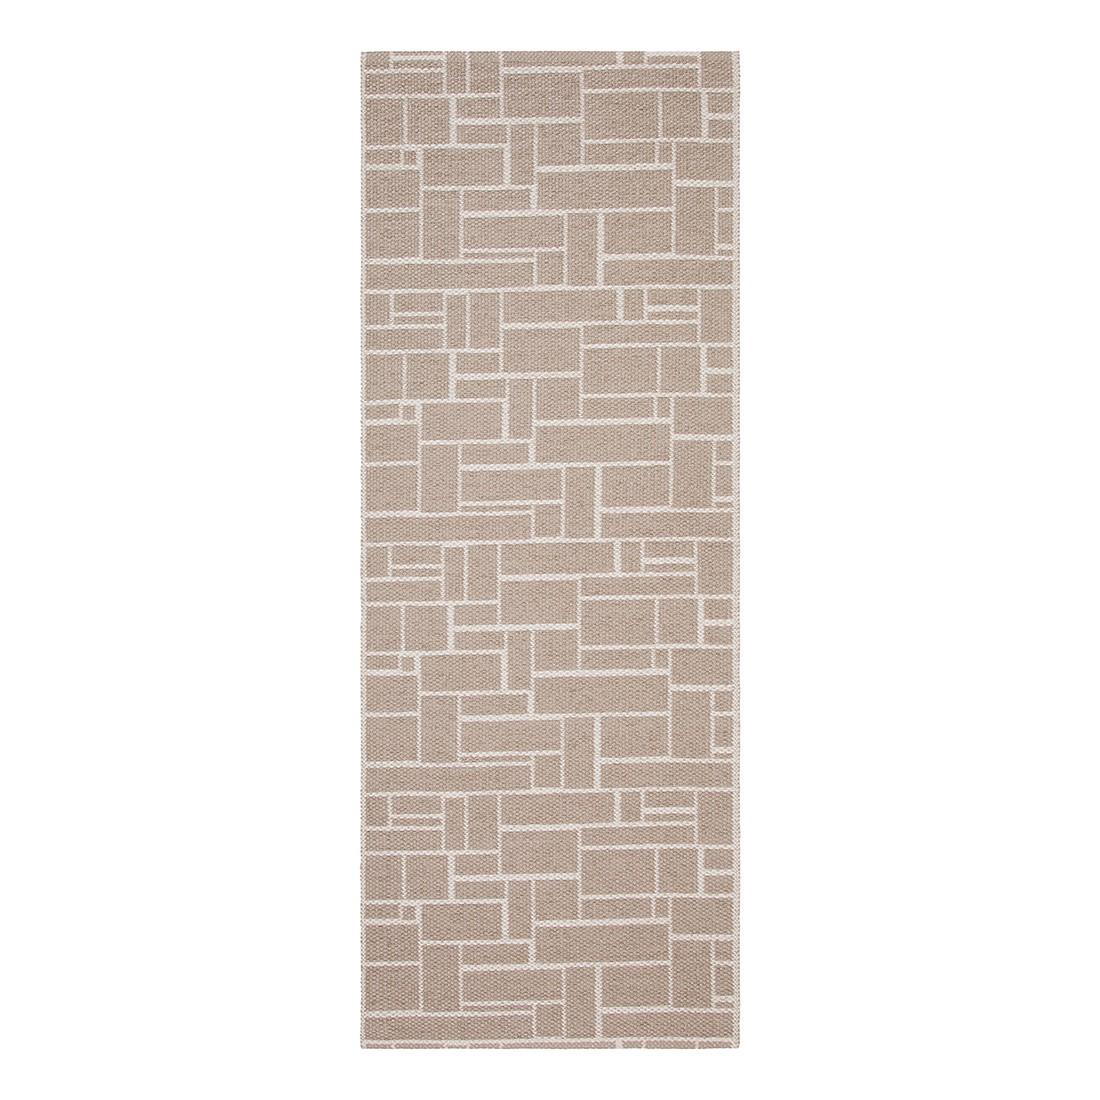 In-/Outdoorteppich Dama I – Kunstfaser Trüffel- Braun/Beige – 60 x 200 cm, Swedy kaufen